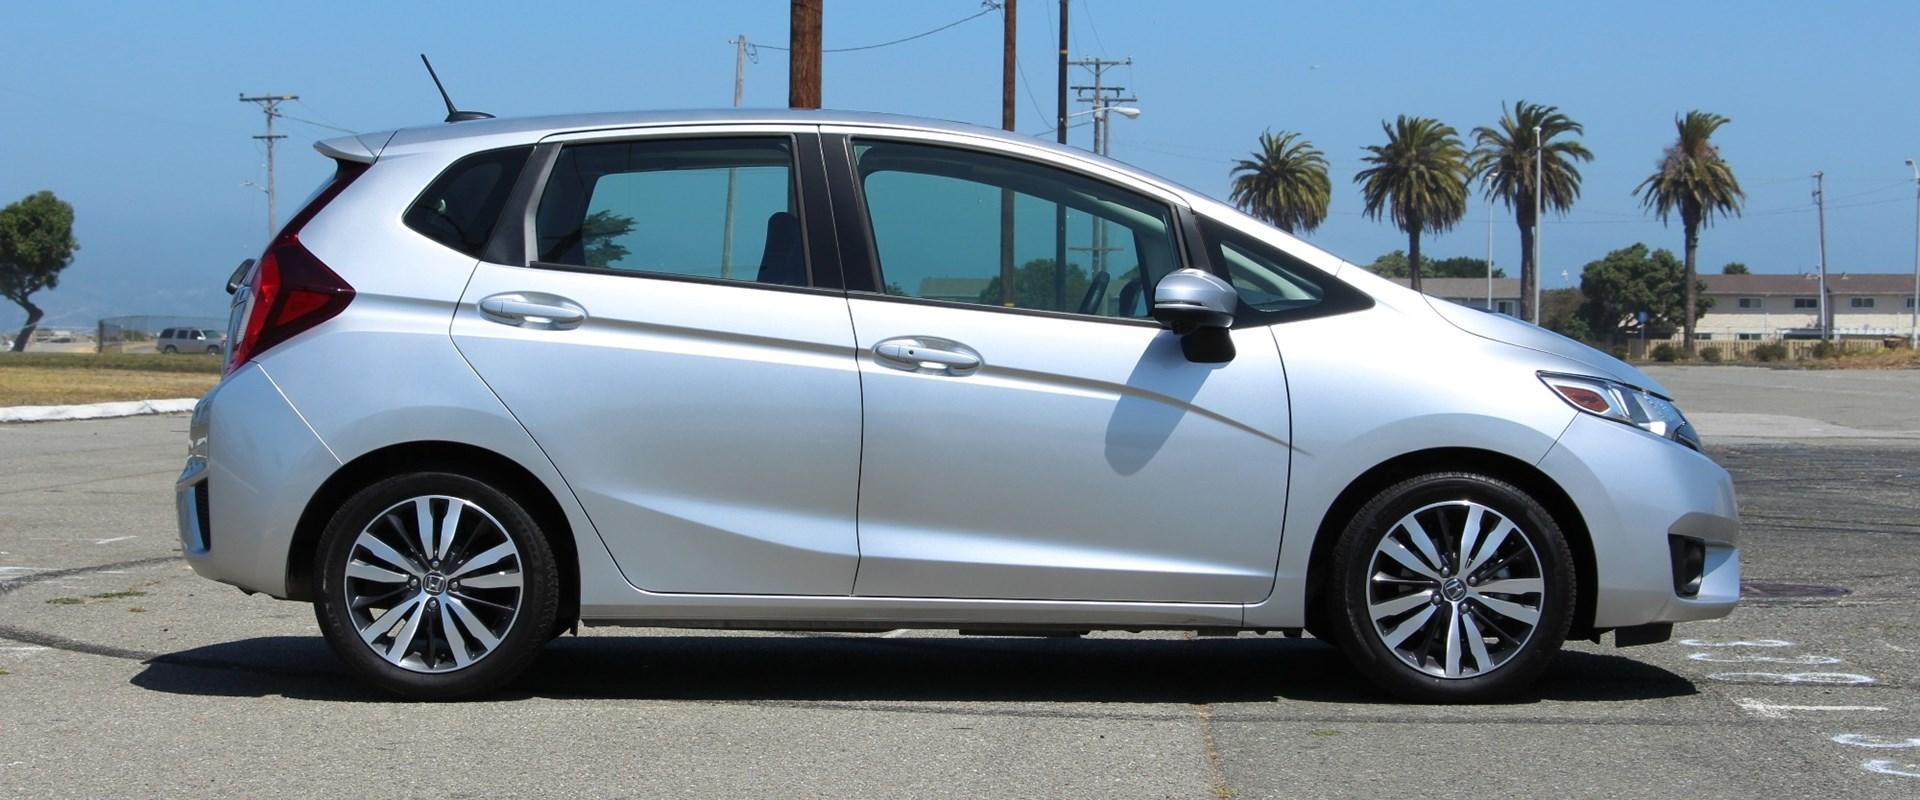 images reviews cvt fit and honda door hatchback ex vehicles specs dp amazon com